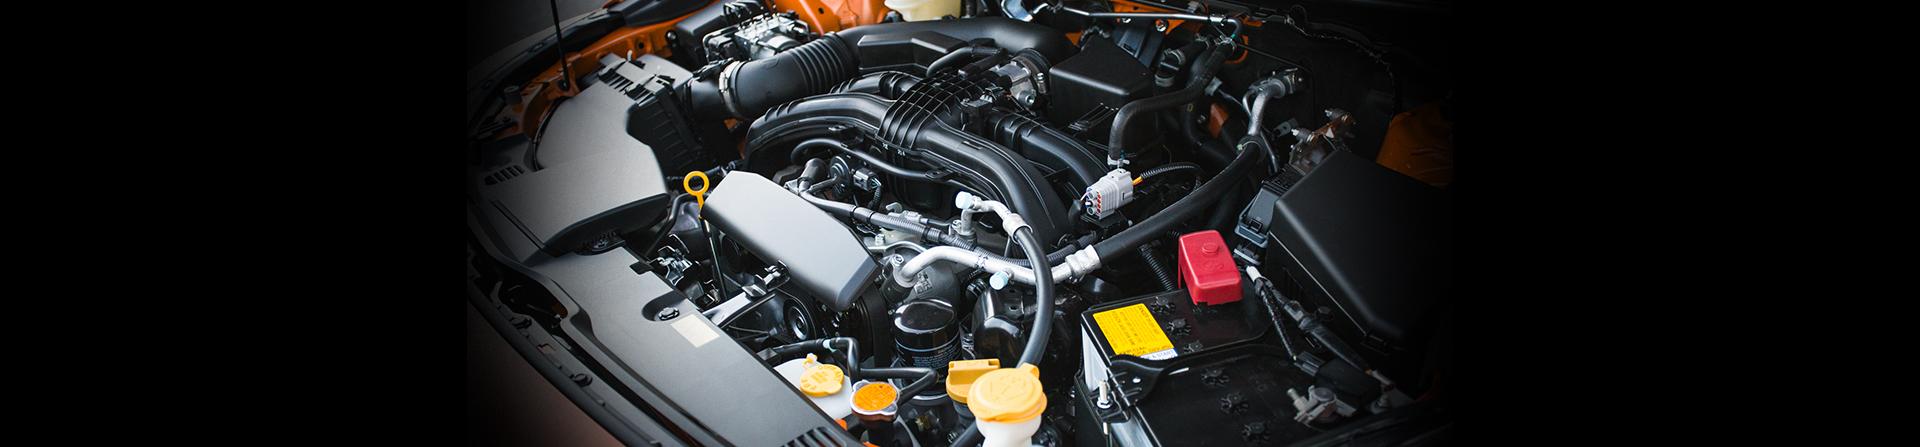 Subaru XV Image 7